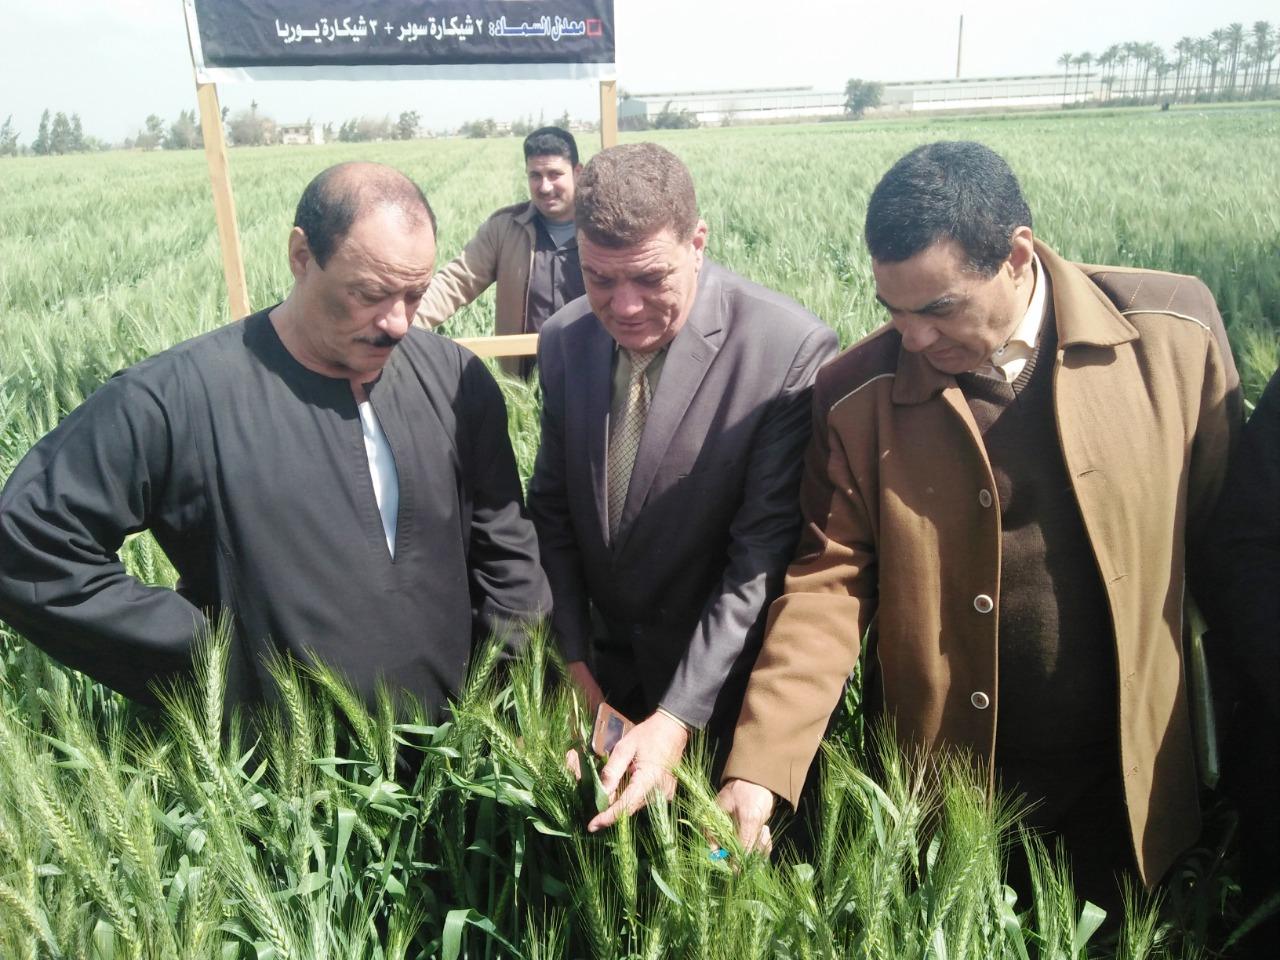 الزواوى : نتابع حصاد المحاصيل الشتوية وخاصة القمح حتى انتهاء الموسم